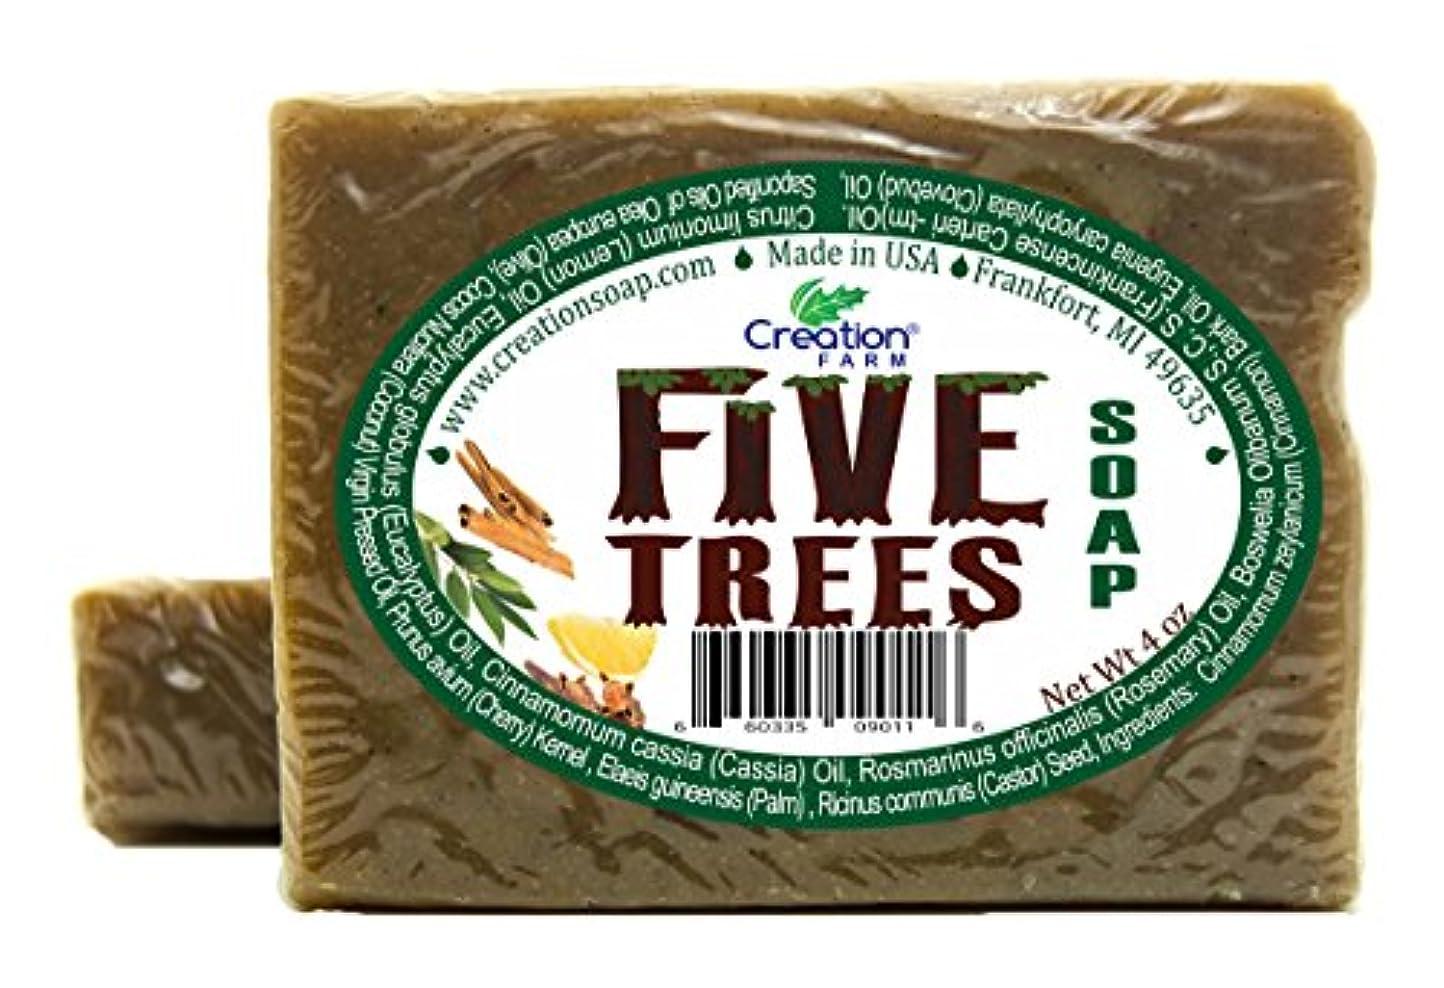 大量粒以内にCreation Farm Five Trees - 手作り石鹸 8オンス (2-4オンス バーパック) シナモン、フランキンセンス、クローブ、レモン、ユーカリ、ローズマリー アロマテラピーエッセンシャルオイル 洗髪、保冷...